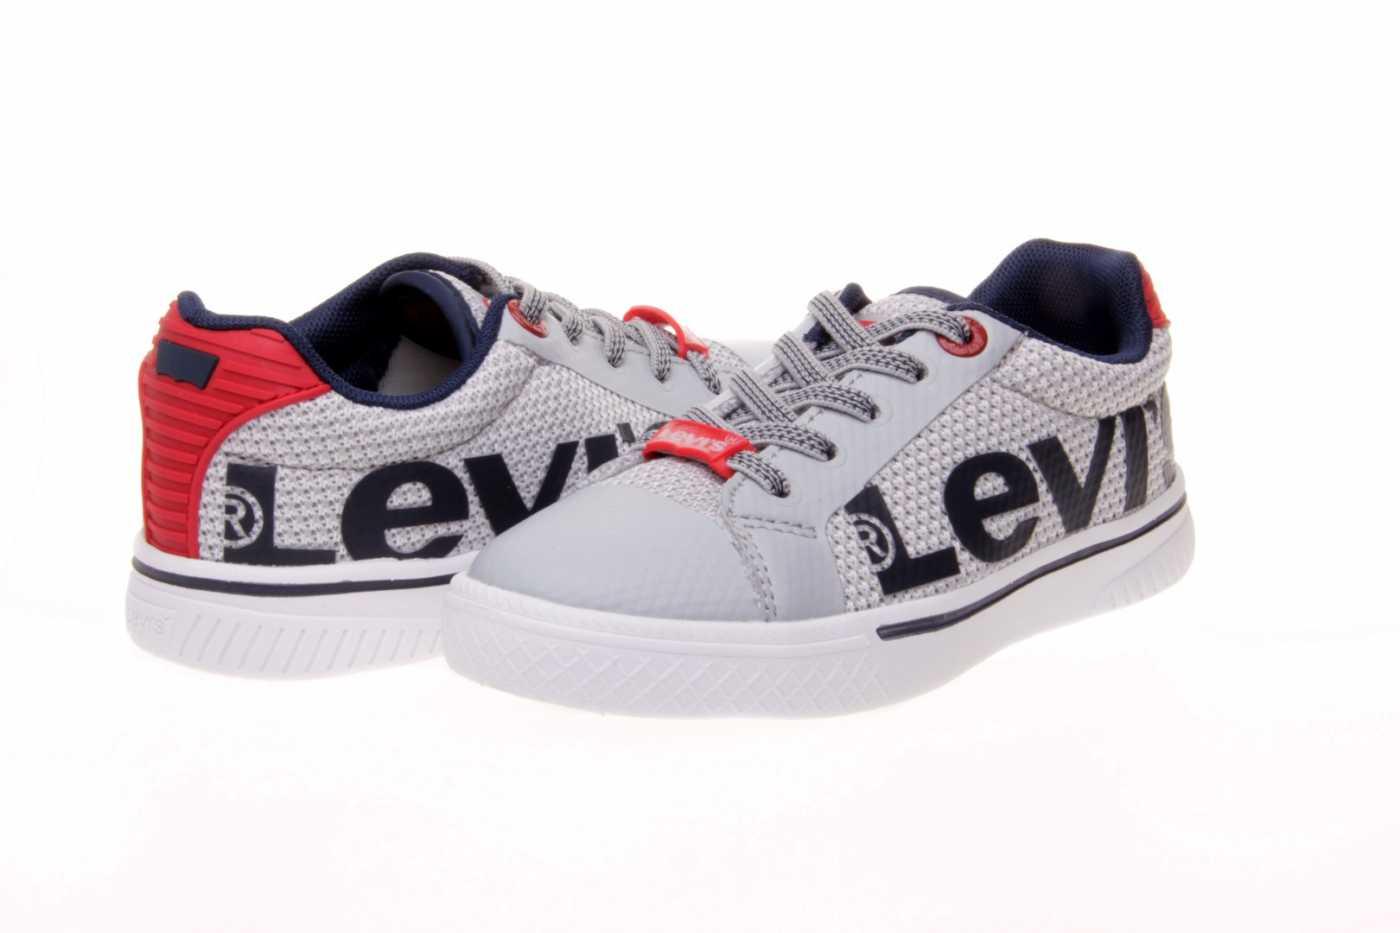 ebe5bf55 Comprar zapato tipo JOVEN NIÑO estilo DEPORTIVO COLOR GRIS SINTETICO ...